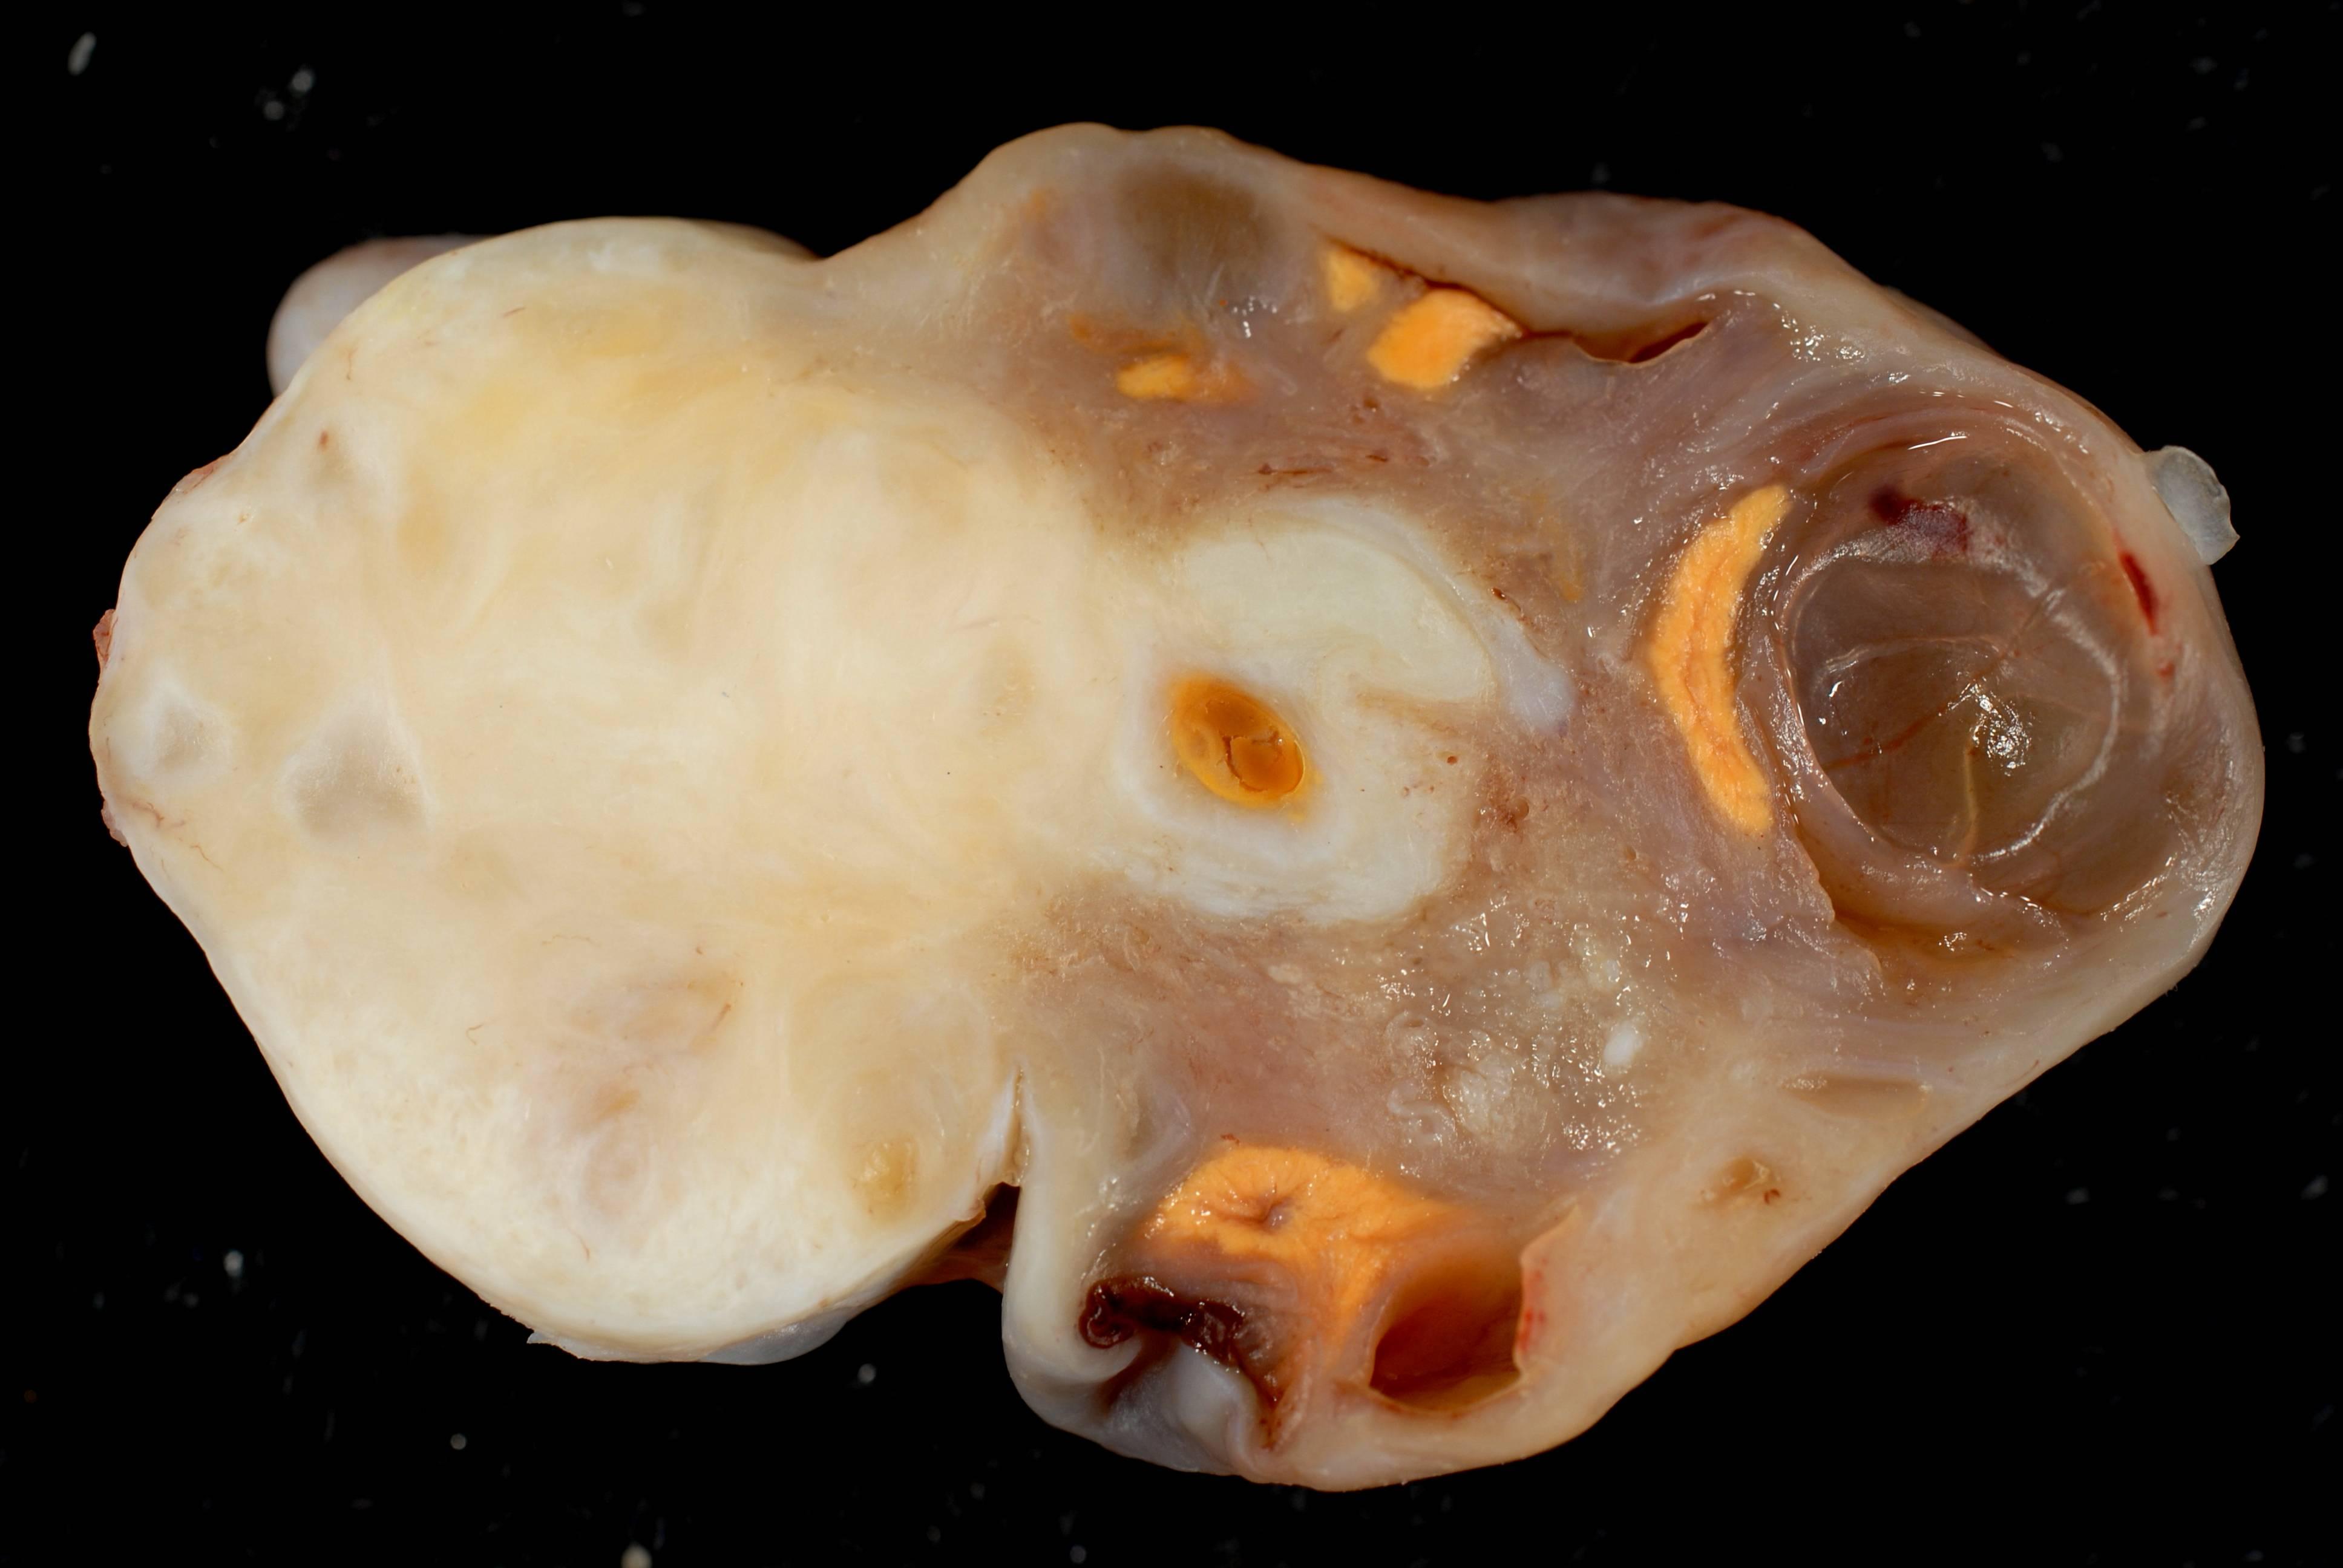 Виды тератом на яичнике и операции по удалению у женщин